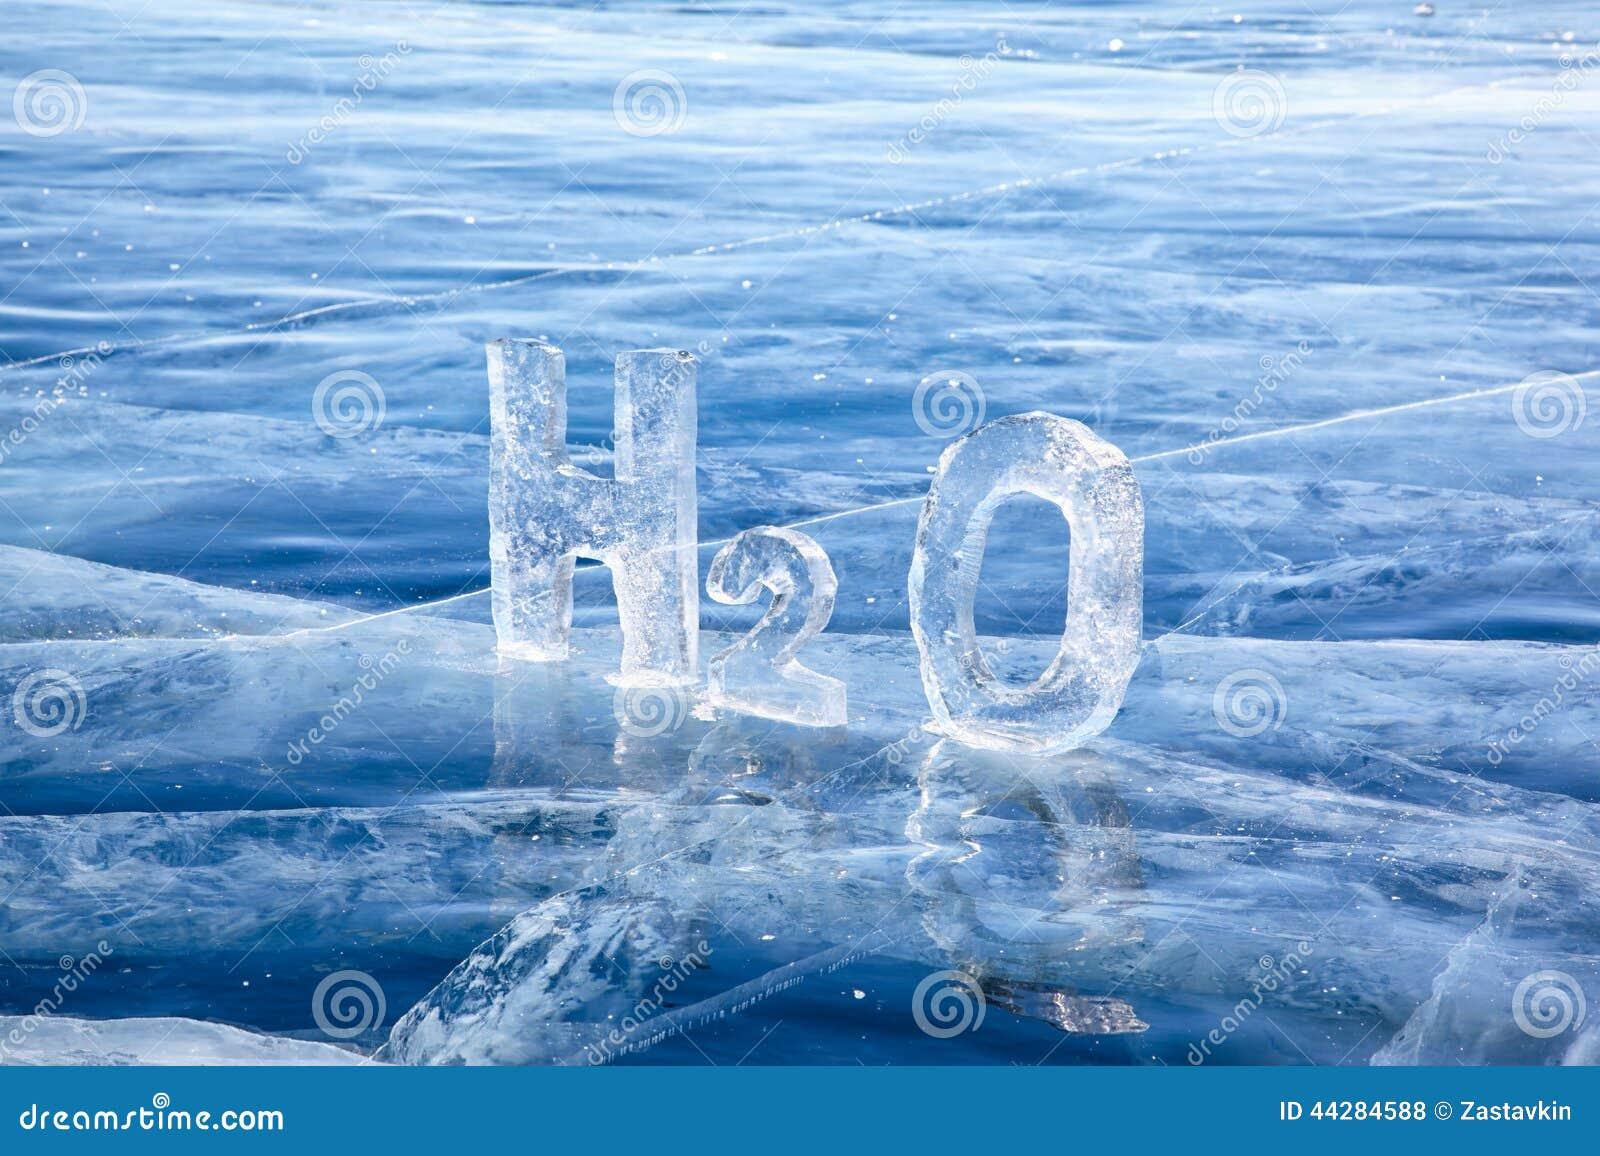 水h2o化学式图片